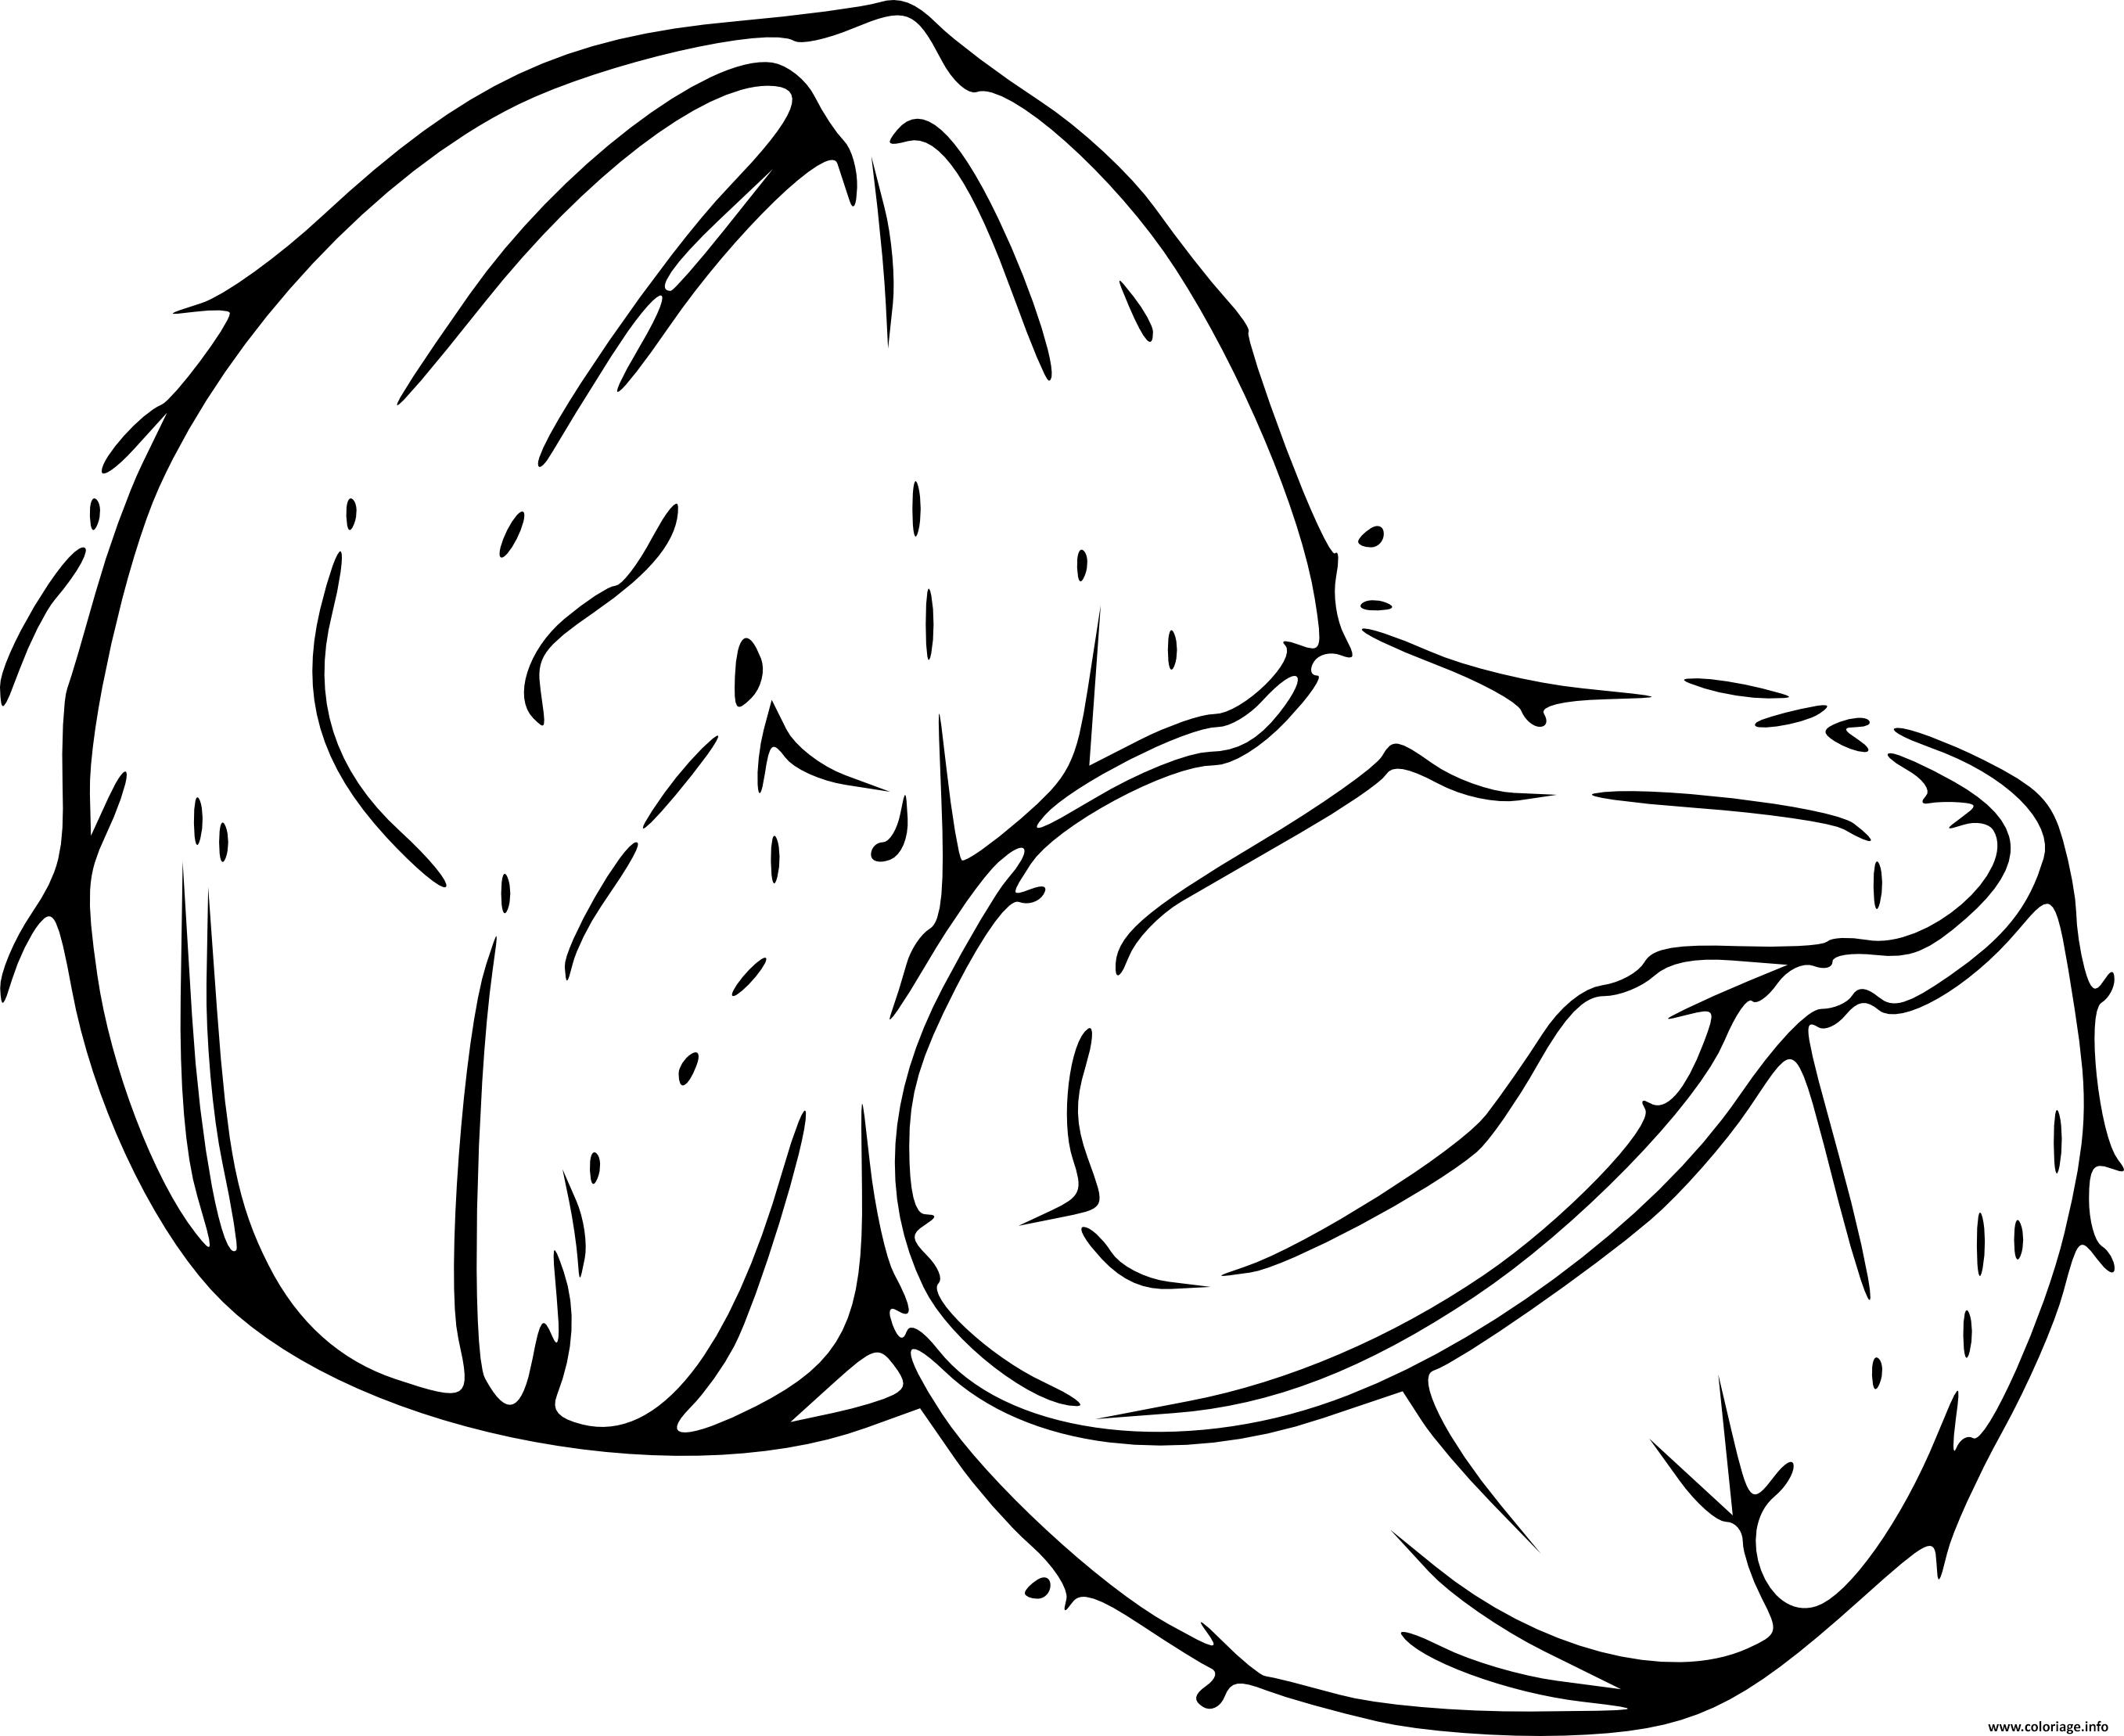 Dessin noix de coco Coloriage Gratuit à Imprimer